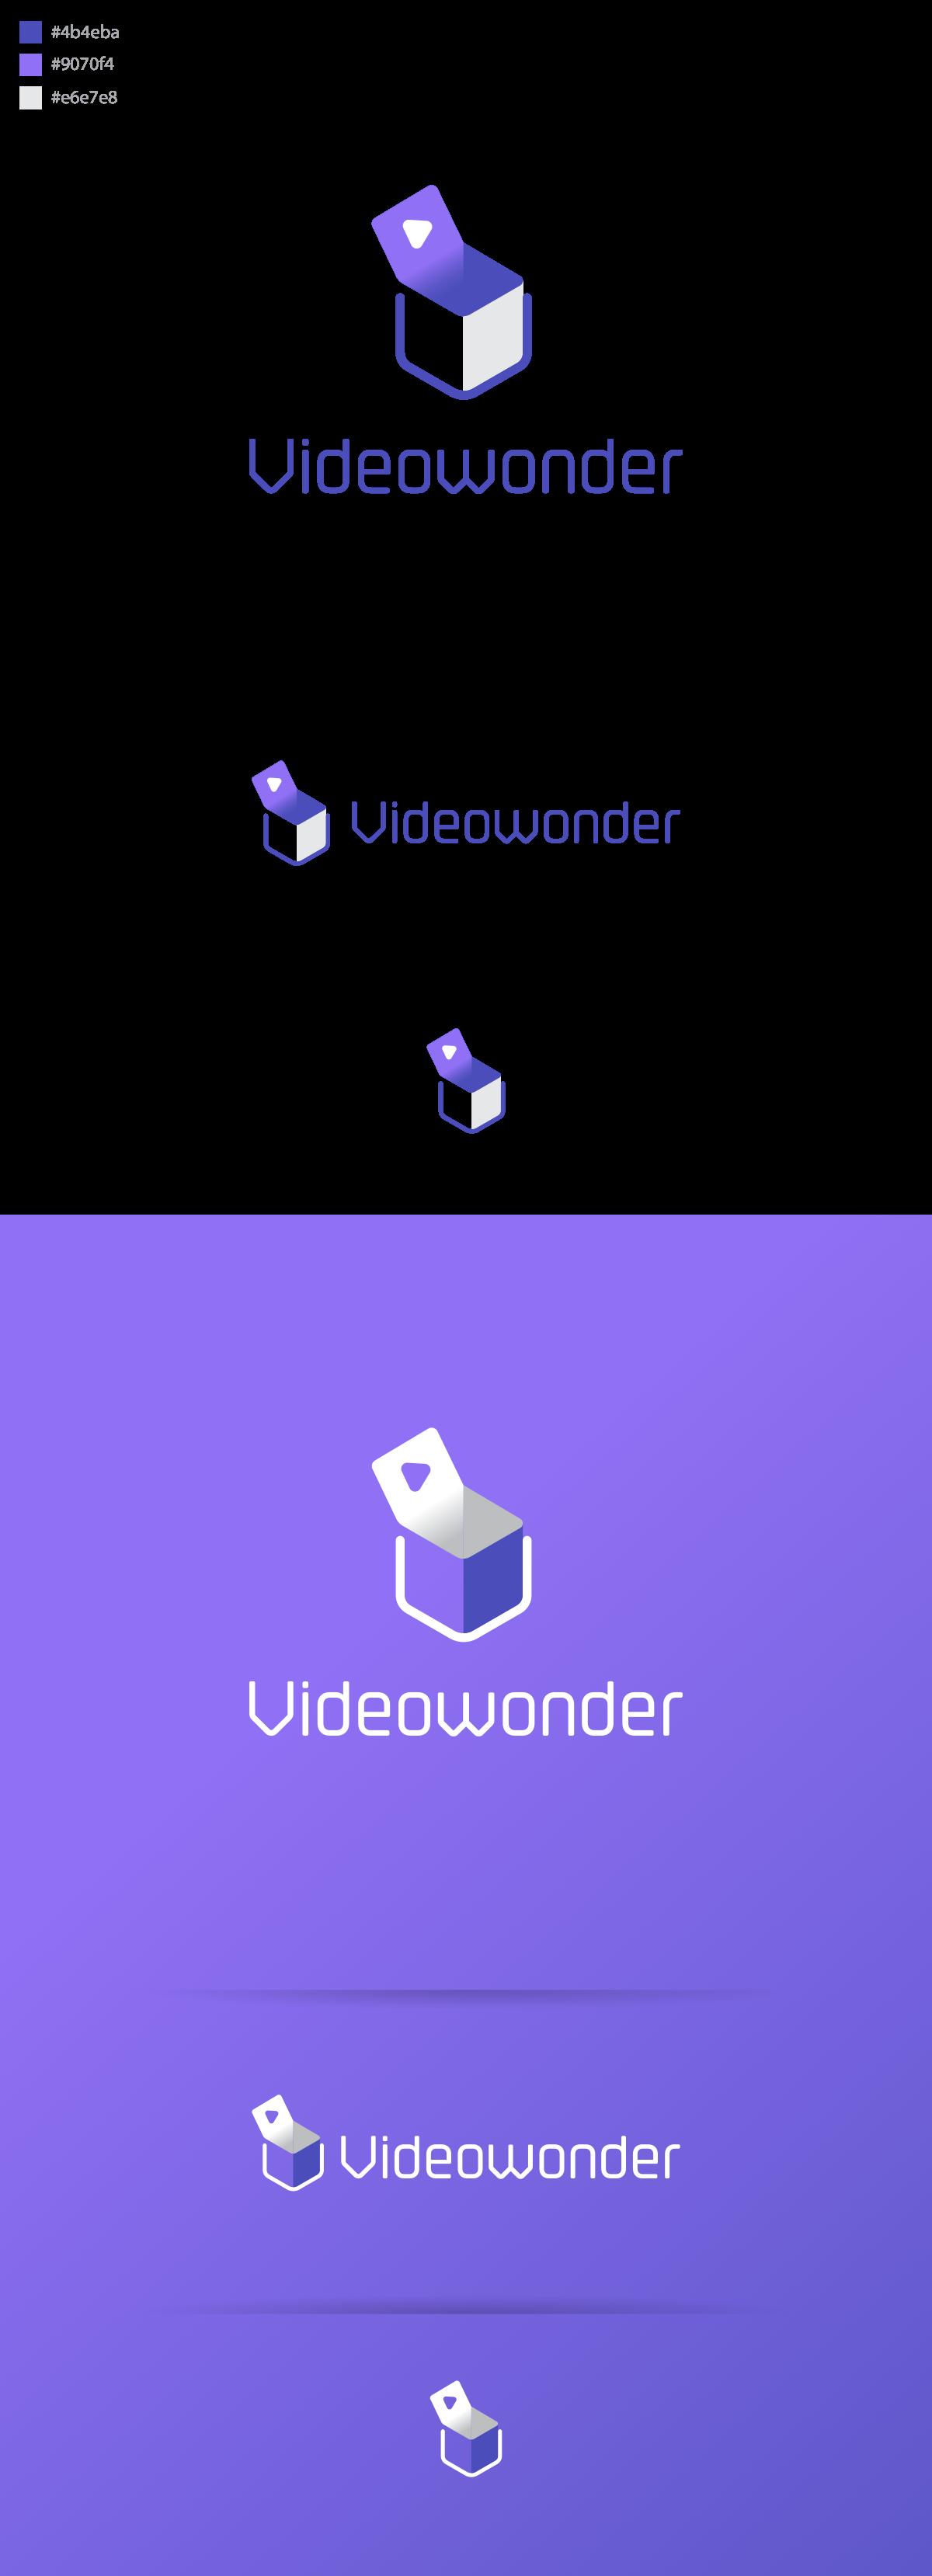 Videowonder Logo and Business Cards Design